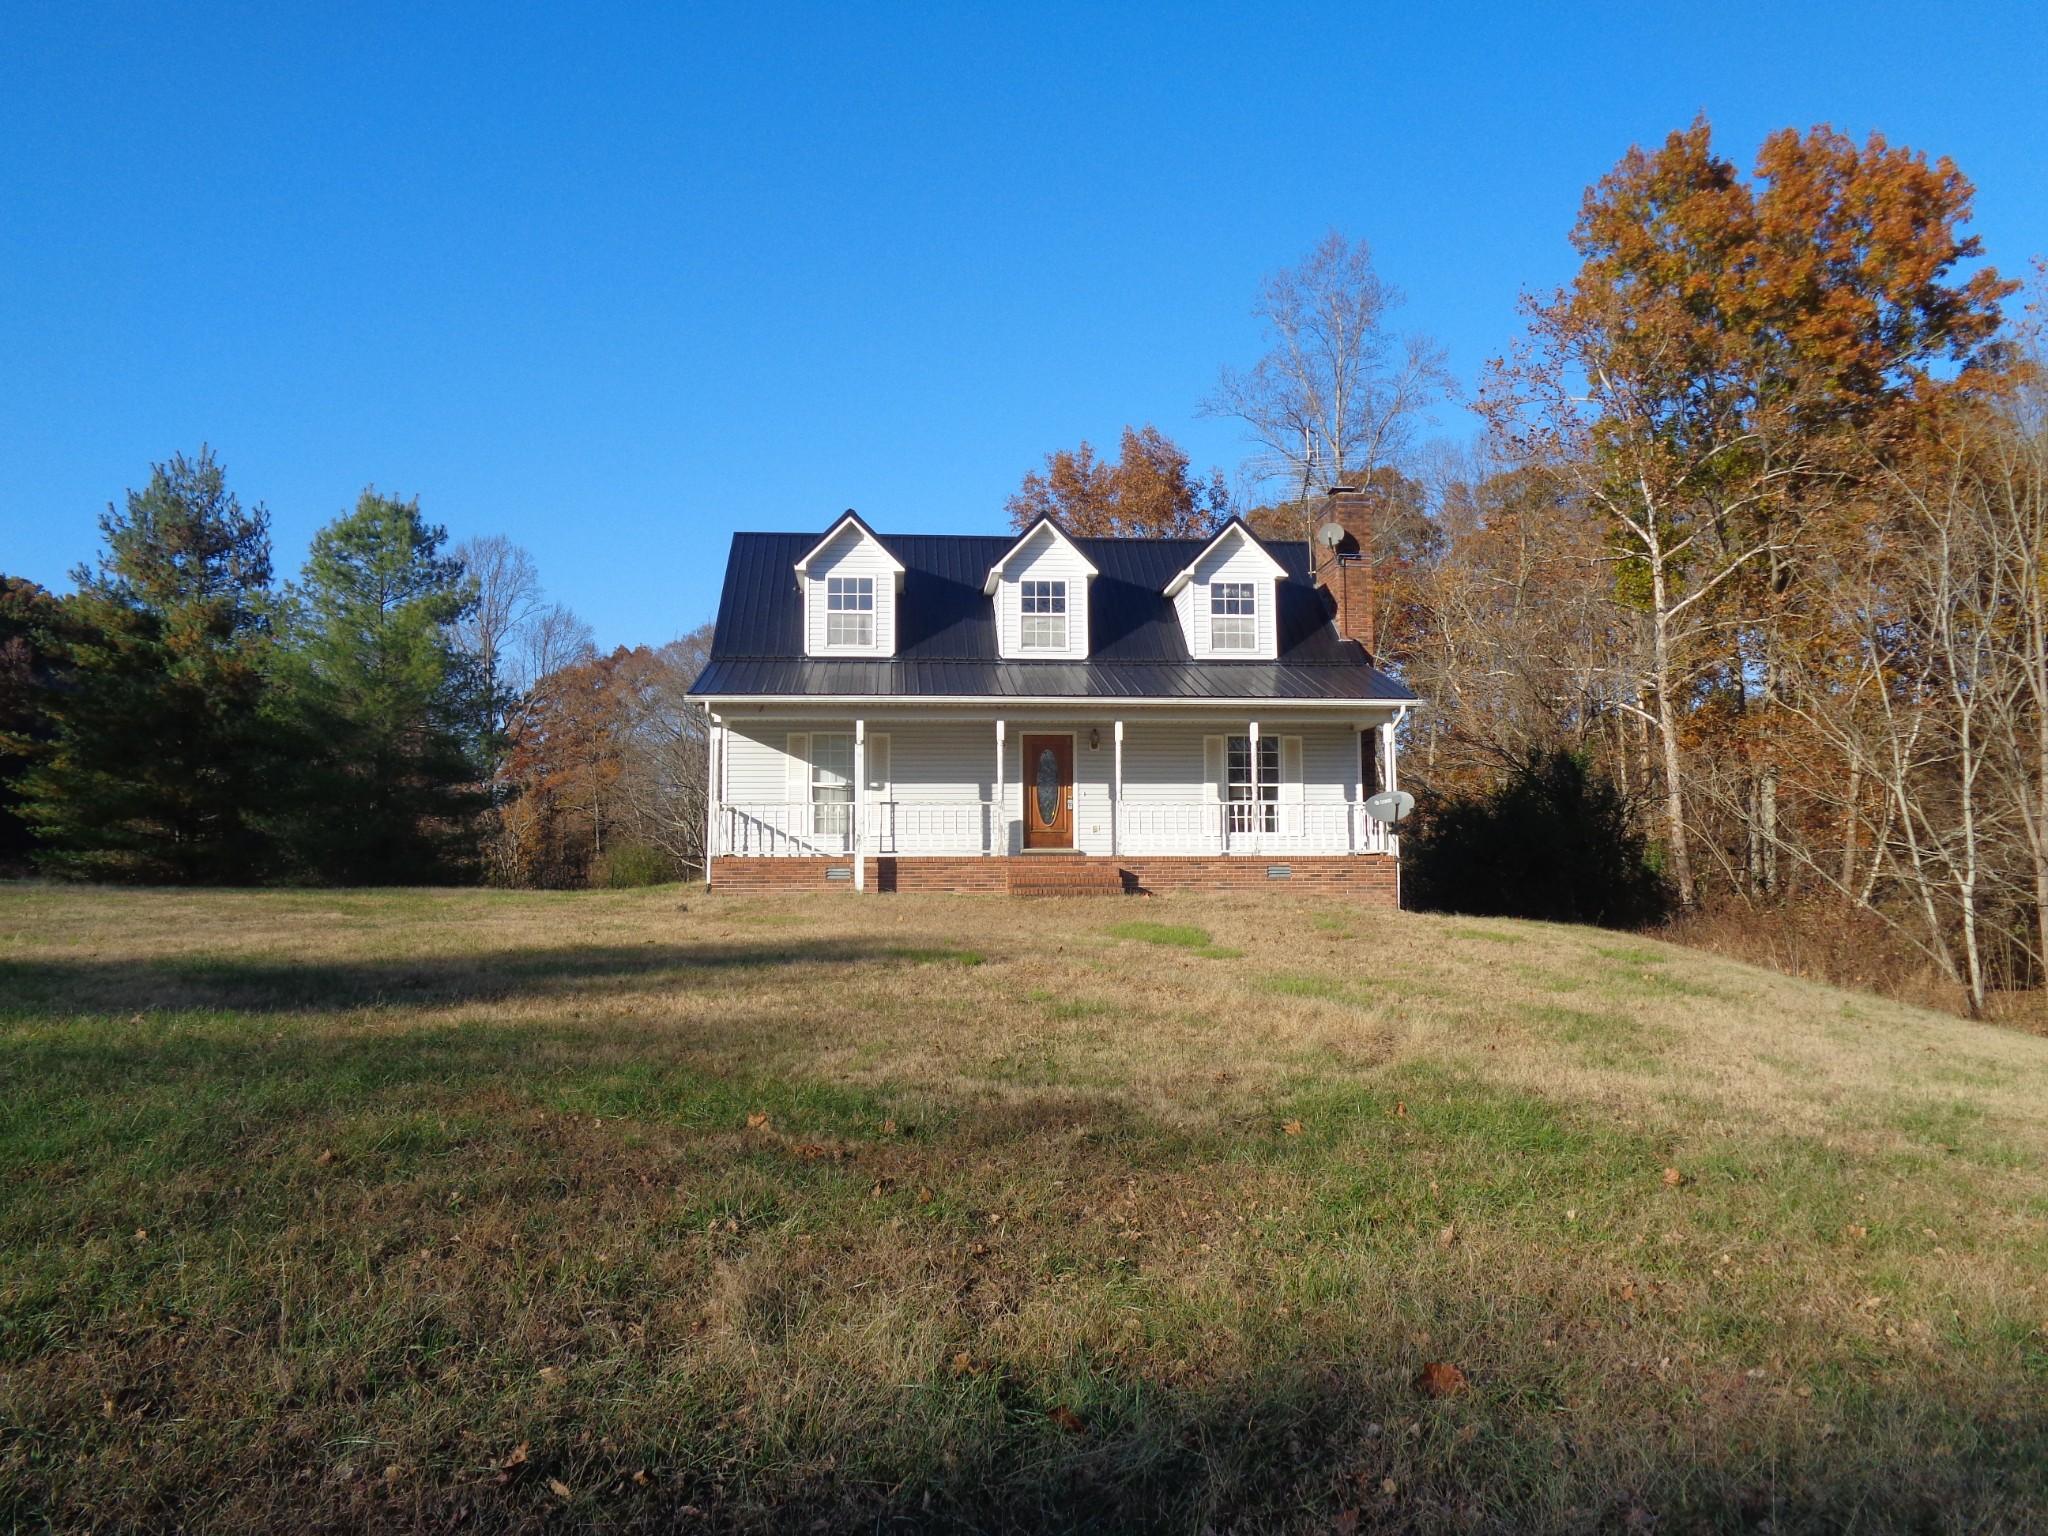 70 E Hannah Rd, Summertown, TN 38483 - Summertown, TN real estate listing